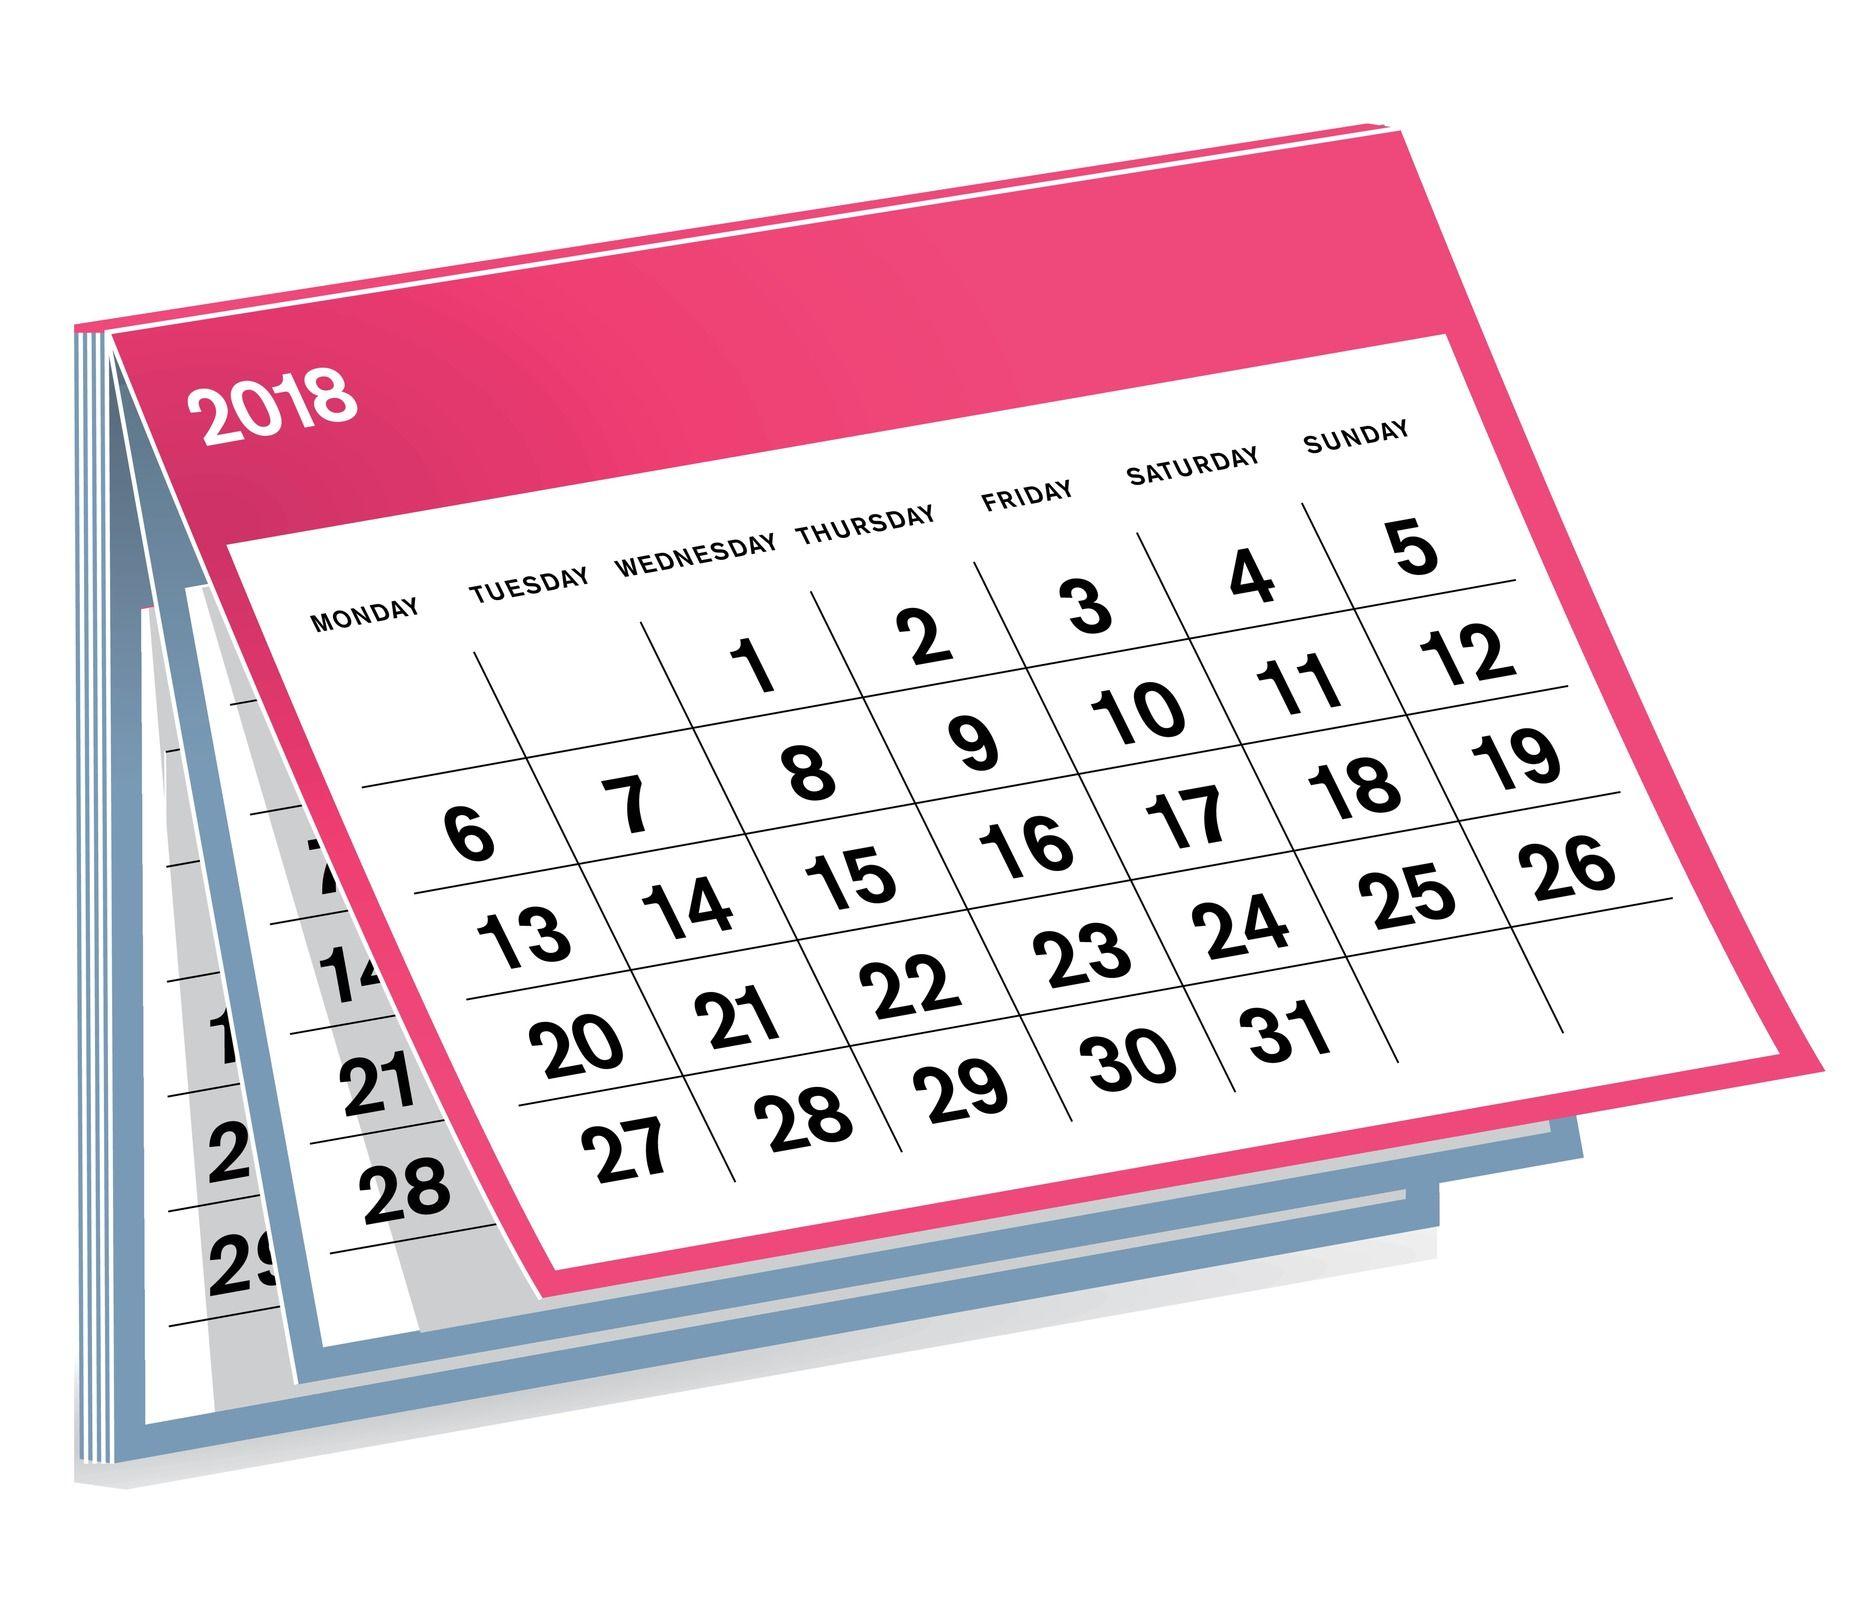 Czy 12 listopada i zmiana współczynnika urlopowego 2018 wpływa na wcześniej wypłacony ekwiwalent?